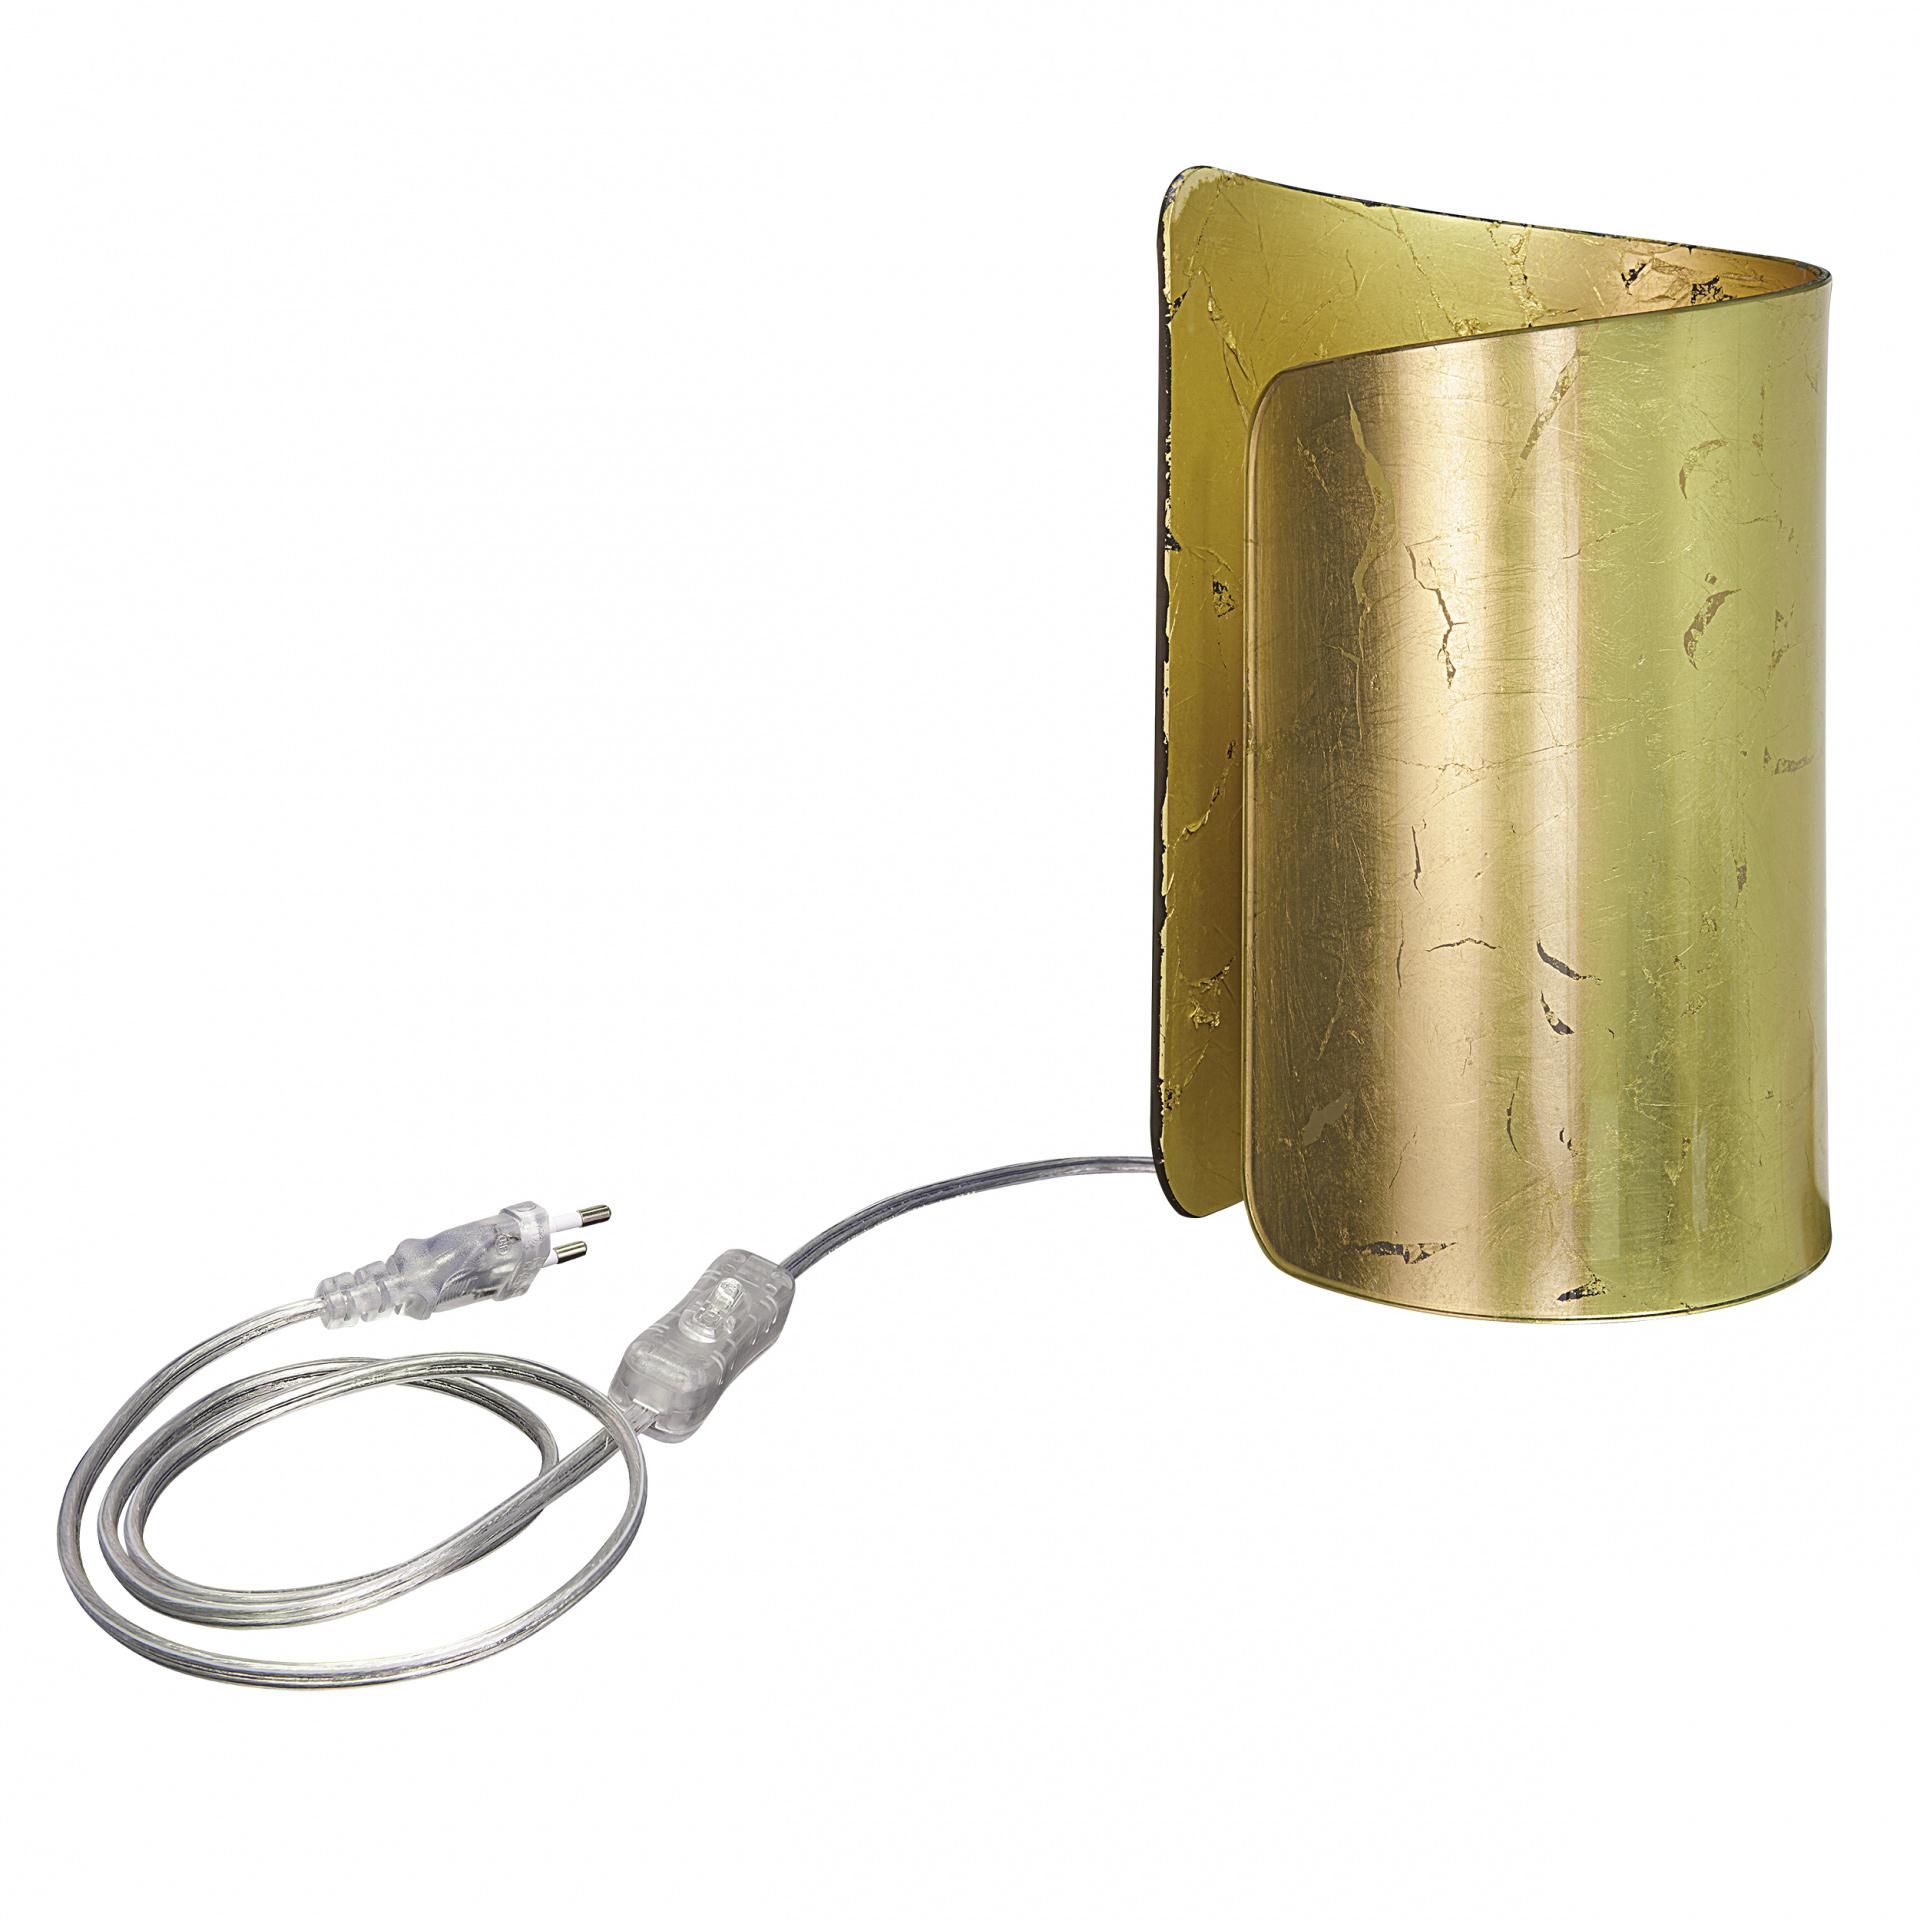 Настольная лампа Pittore 1х40W E27 golden Lightstar 811912, купить в СПб, Москве, с доставкой, Санкт-Петербург, интернет-магазин люстр и светильников Starlight, фото в жизни